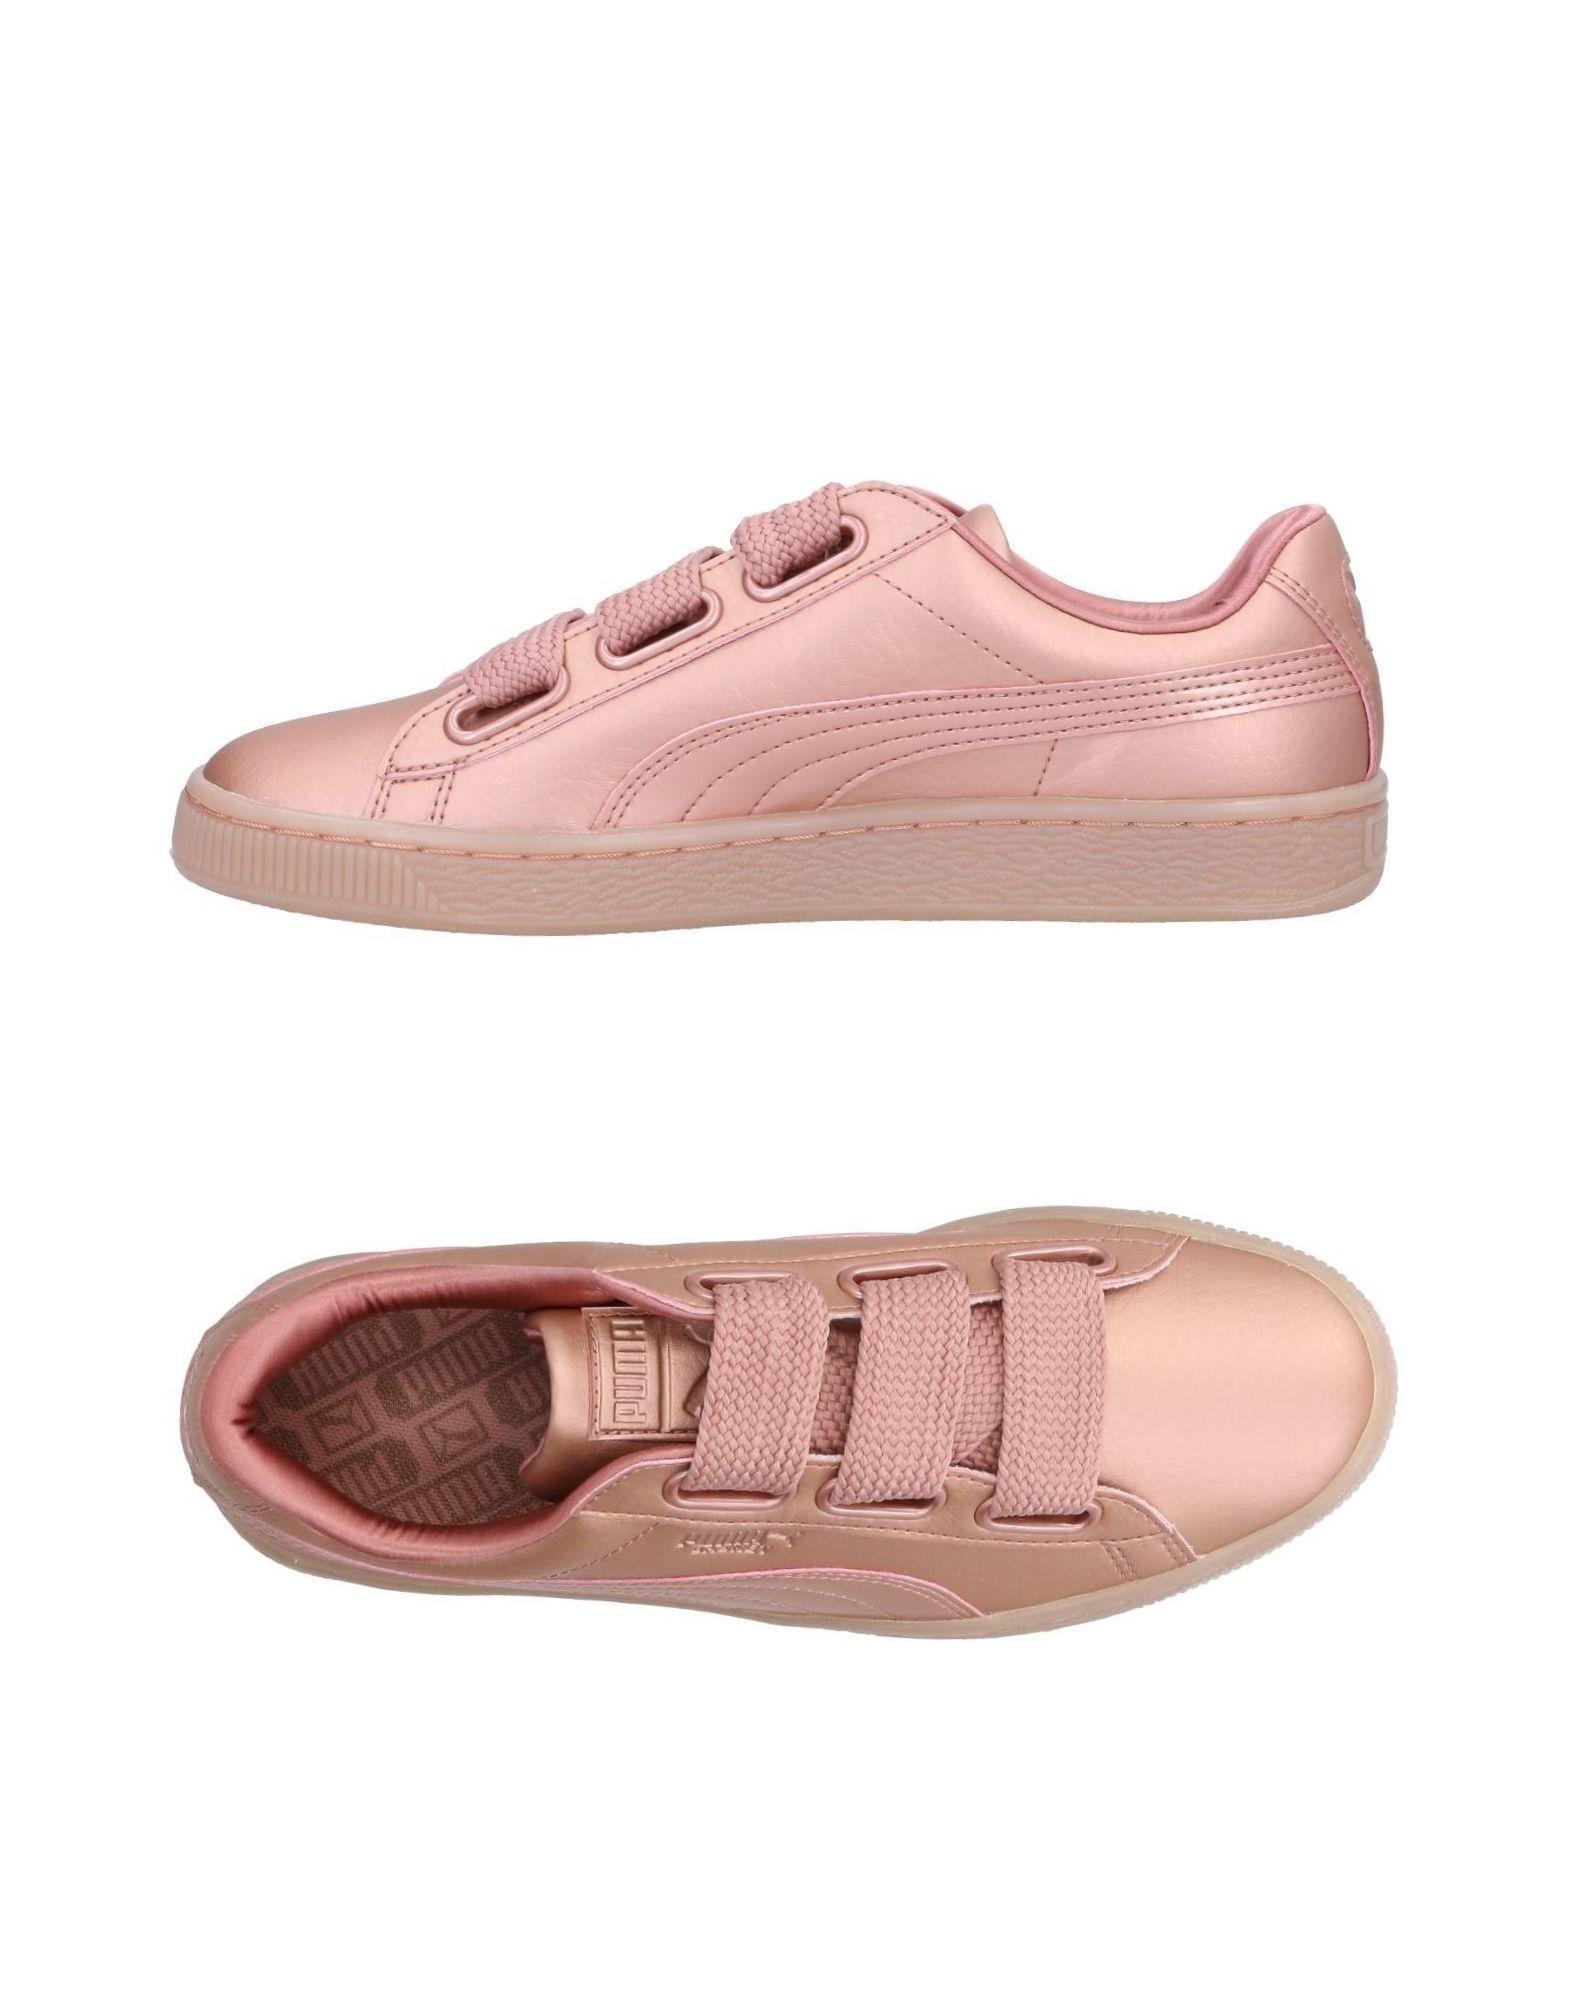 Puma Sneakers Damen  11495748XO Gute Qualität beliebte Schuhe